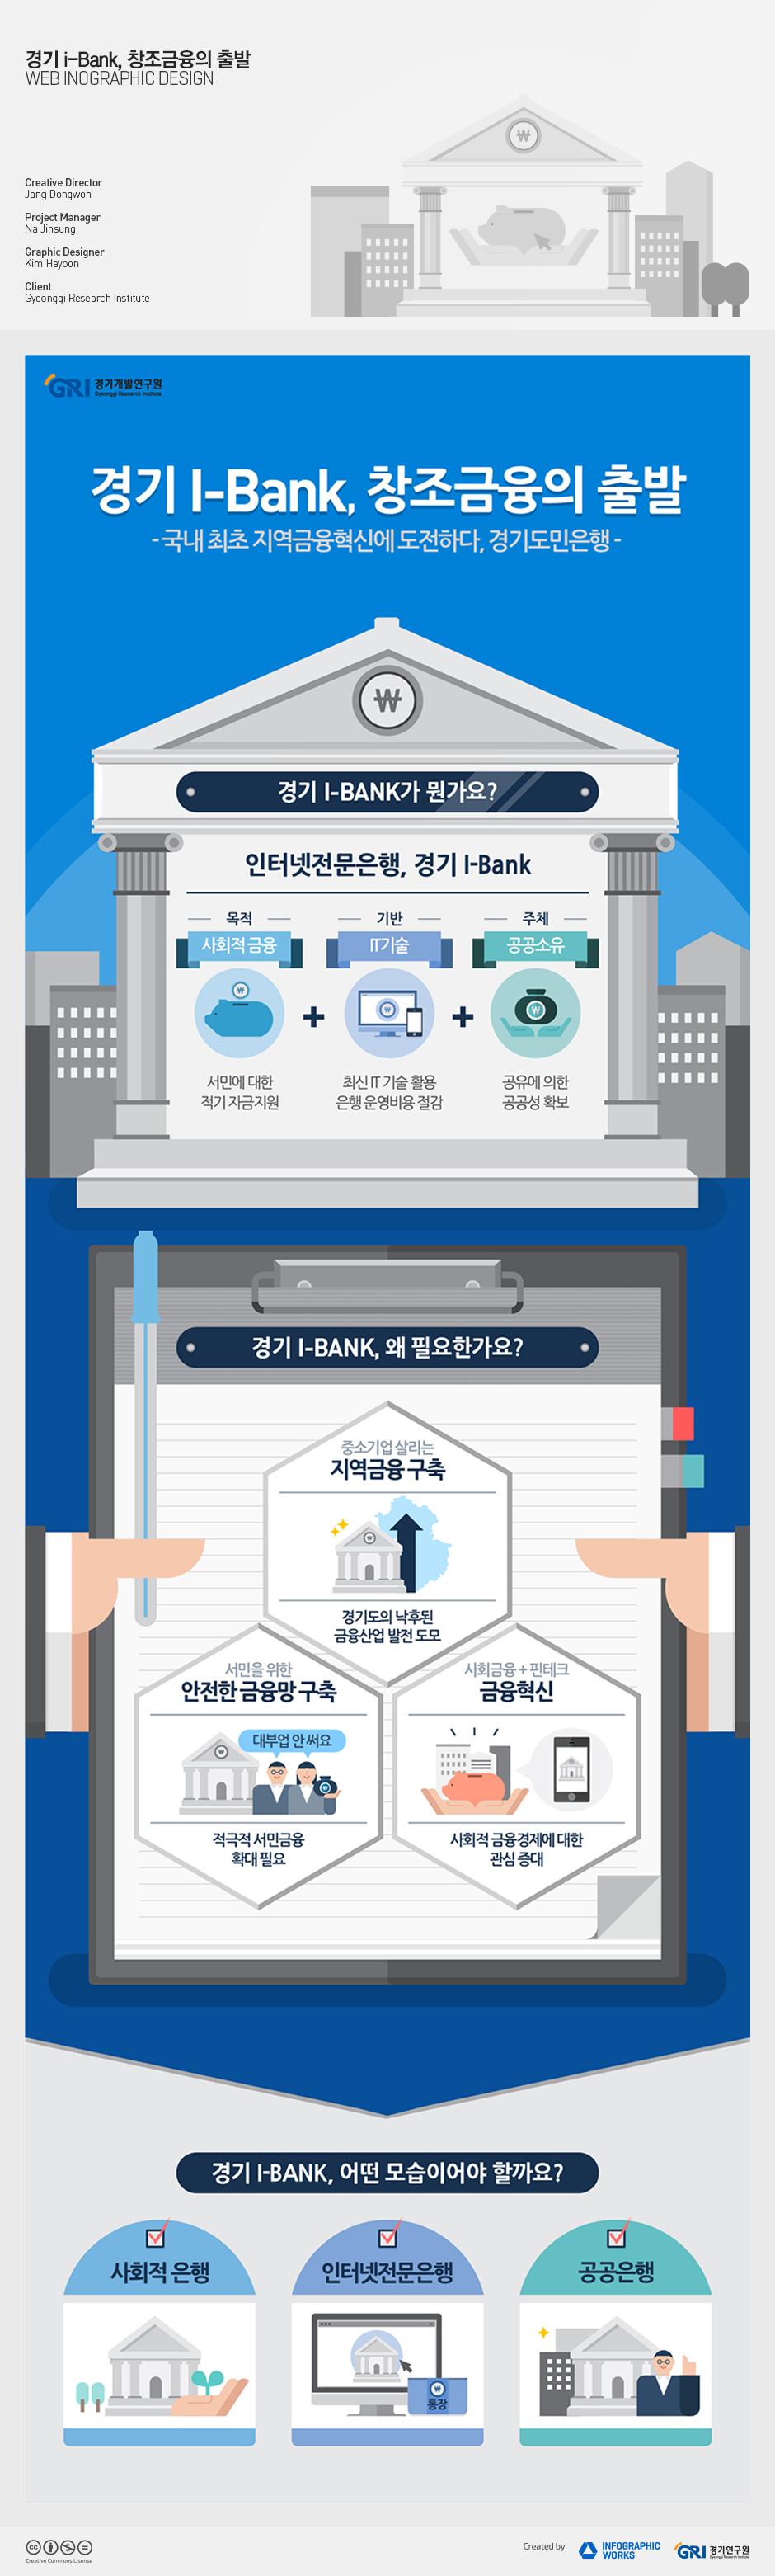 홈페이지_경기아이뱅크 인포그래픽